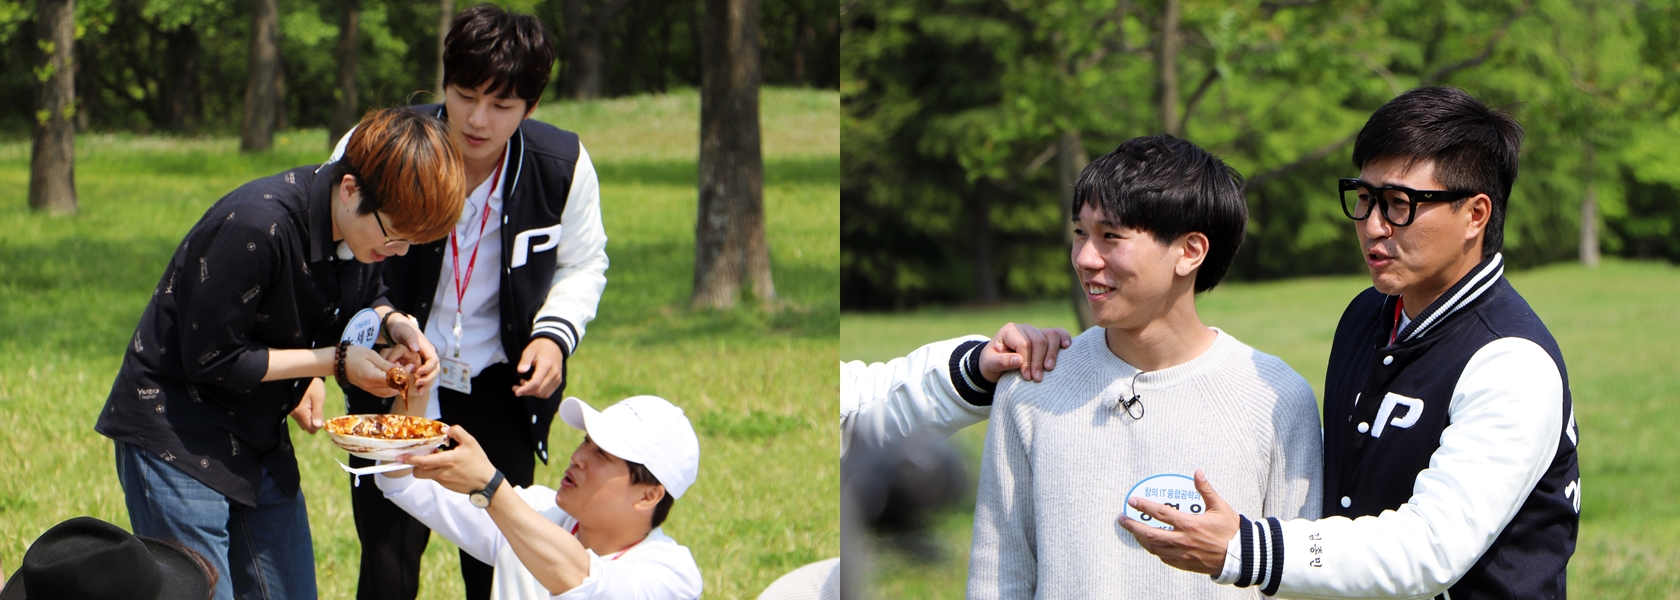 KBS 1박 2일 POSTECH 편 차태현 ,김종민 학생들과 미션 수행 장면 이미지